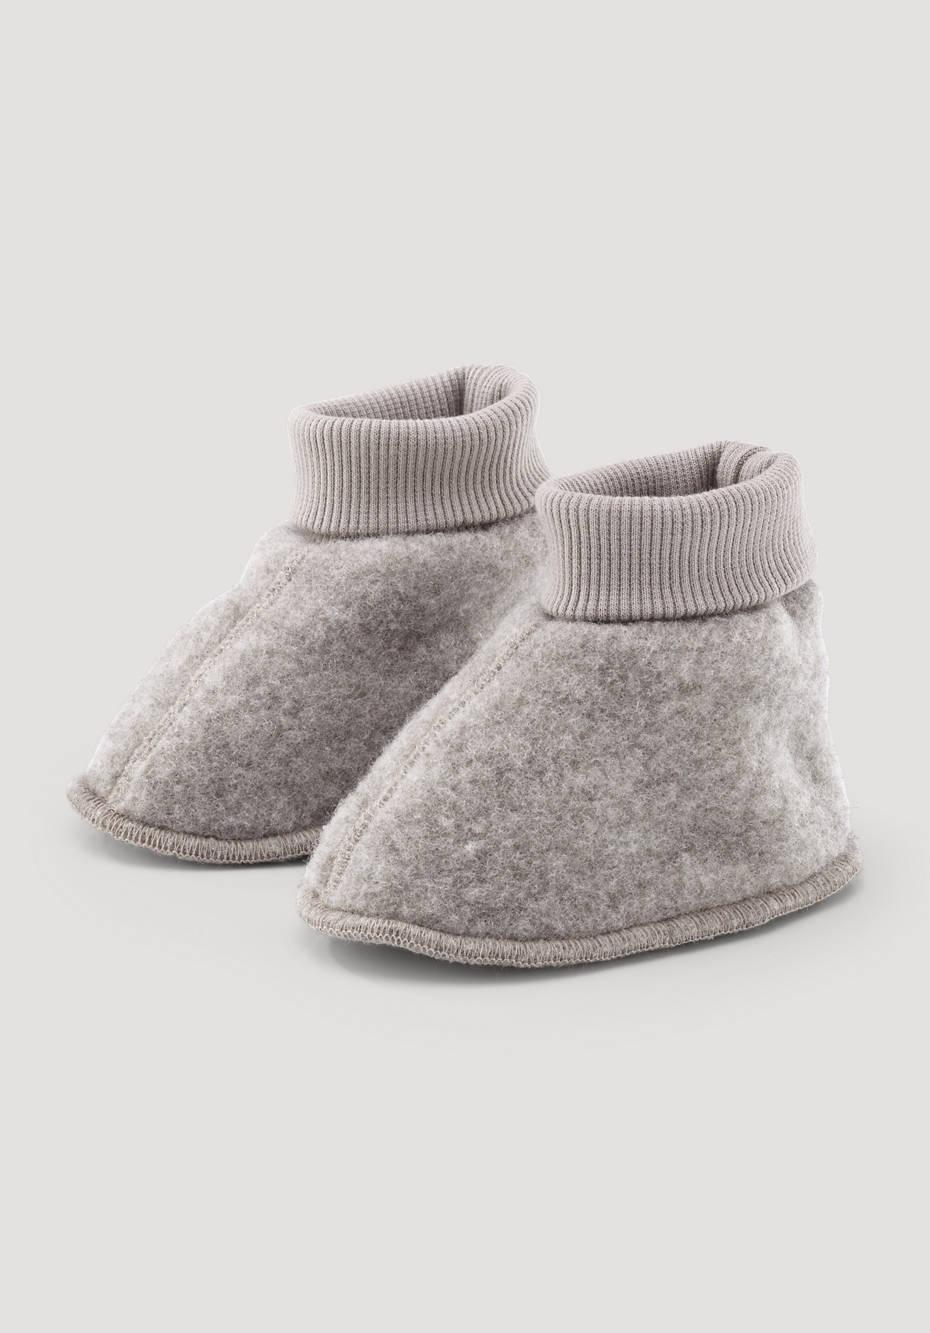 Adidas NEO Baby Schuhe mit bis zu 32% Rabatt |